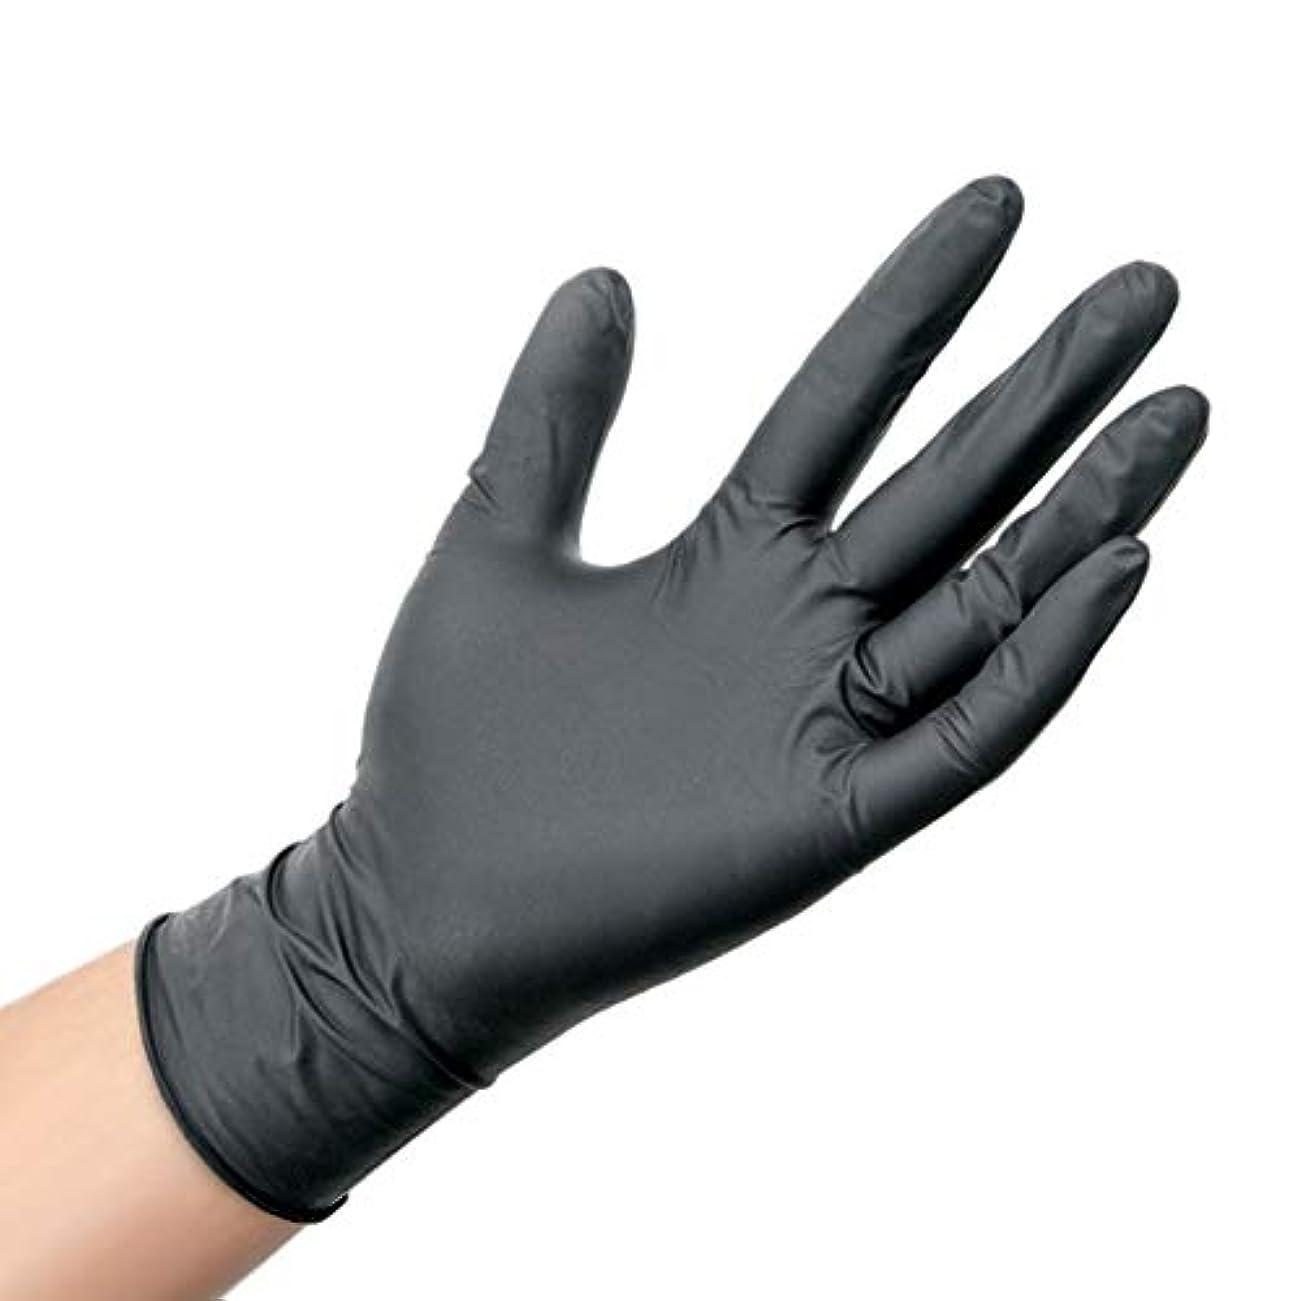 アレルギー性純粋な融合肥厚した抗酸とアルカリの帯電防止保護手袋使い捨て工業用ニトリルゴム手袋 YANW (色 : ブラック, サイズ さいず : M m)